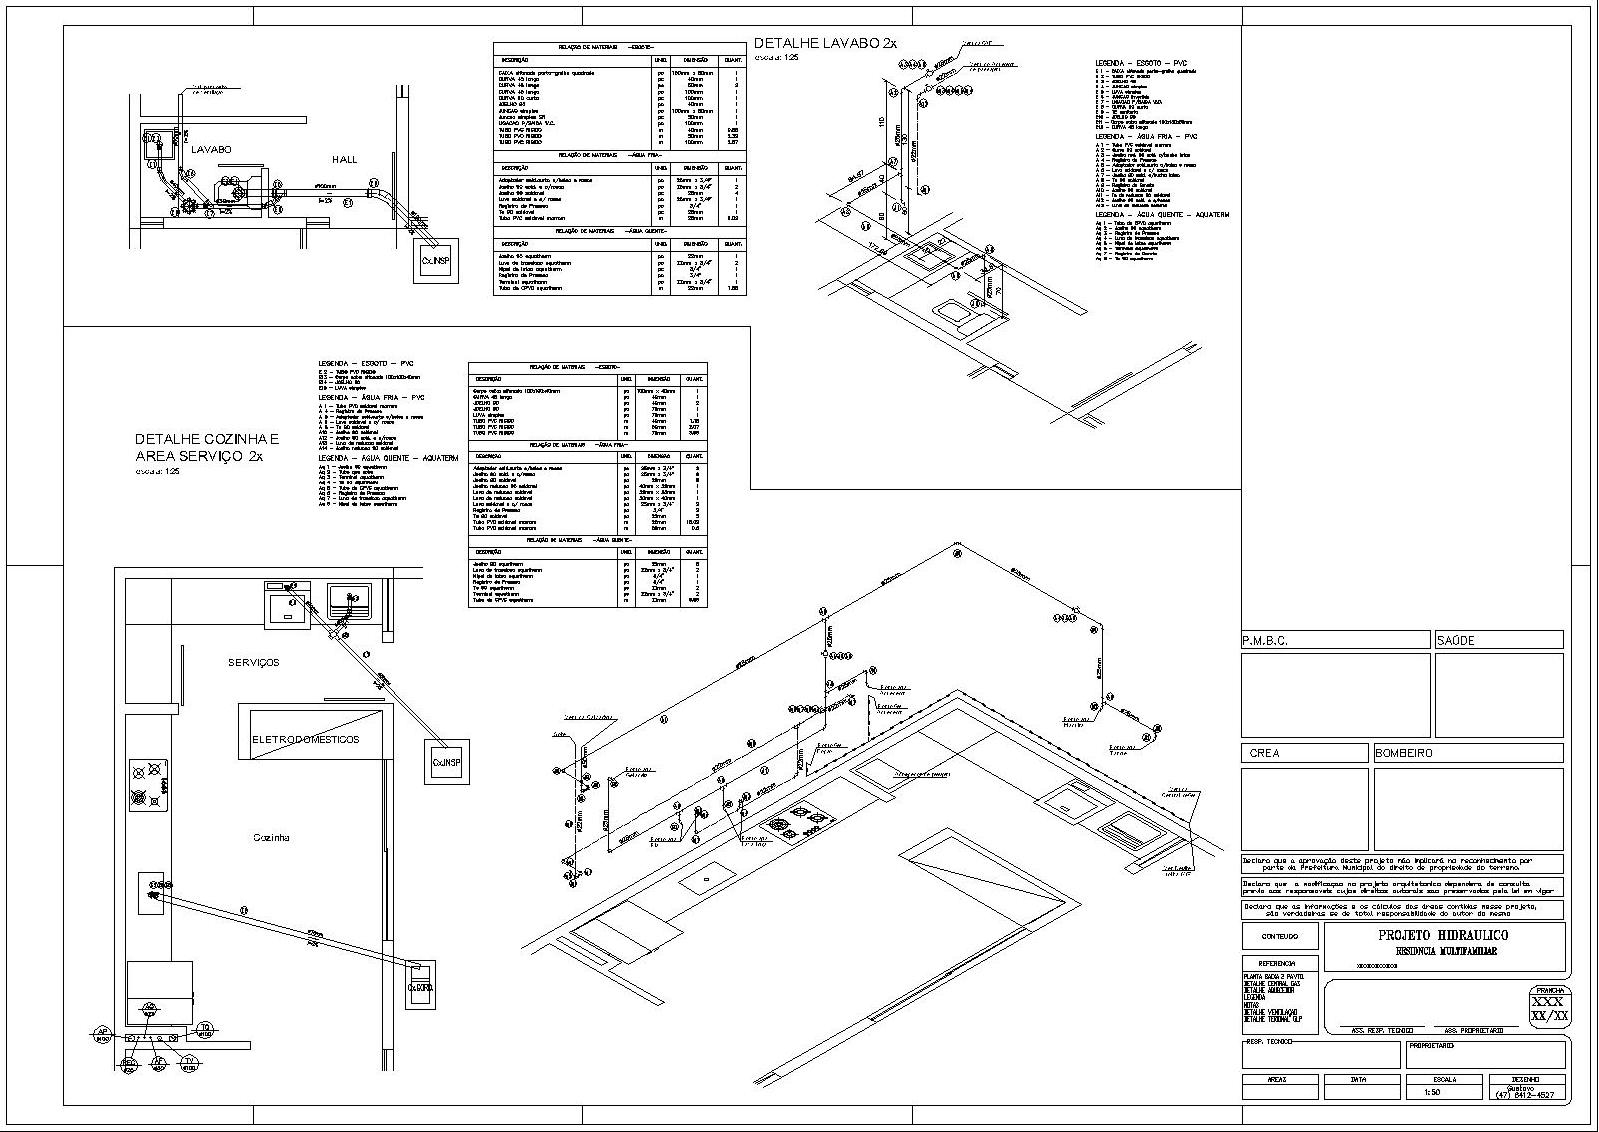 Geórgeo Projetos: Detalhamentos #444444 1599 1132